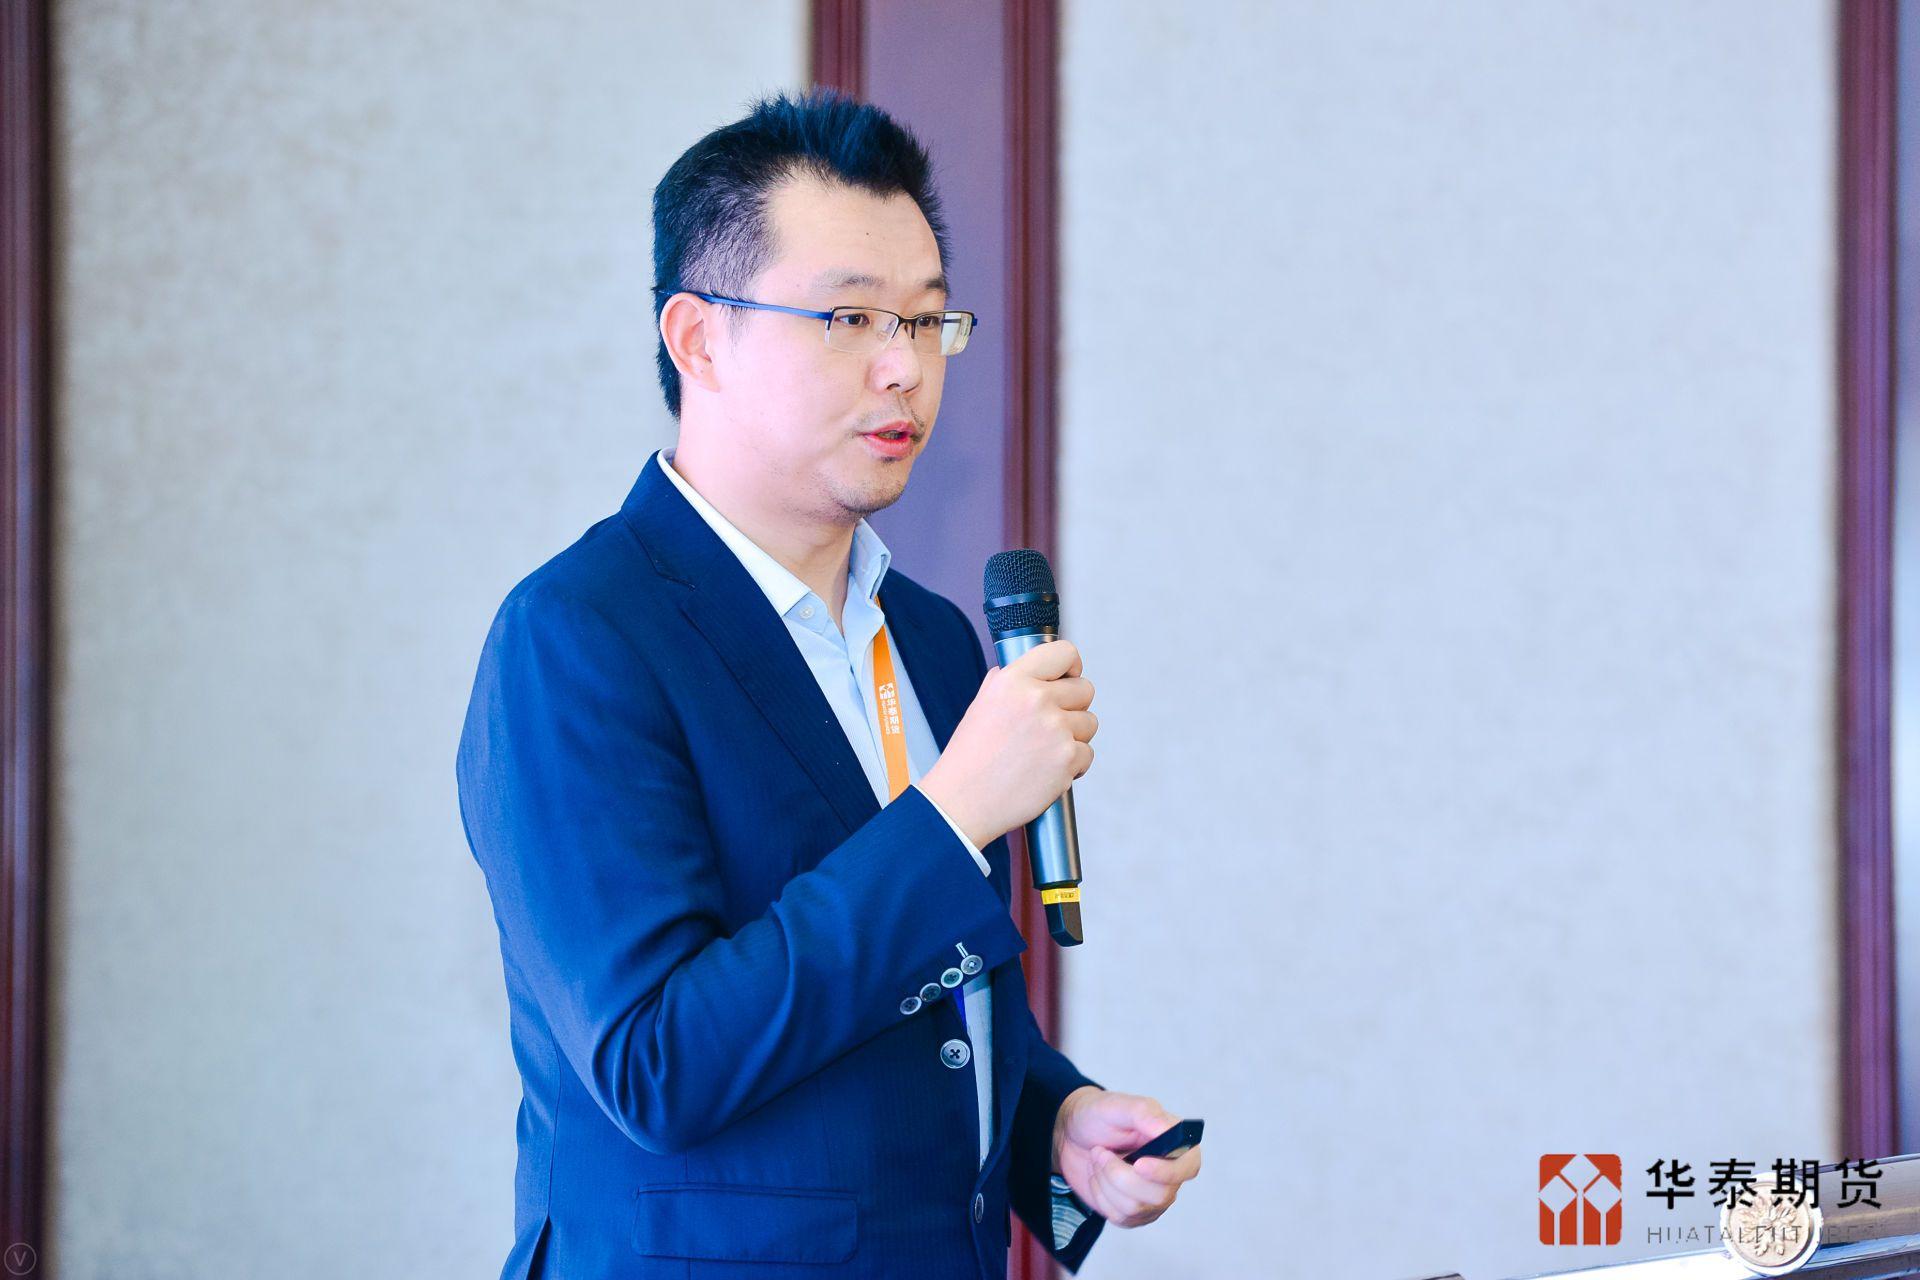 陆文奇:国内场外市场产业、投资金融人才严重错配